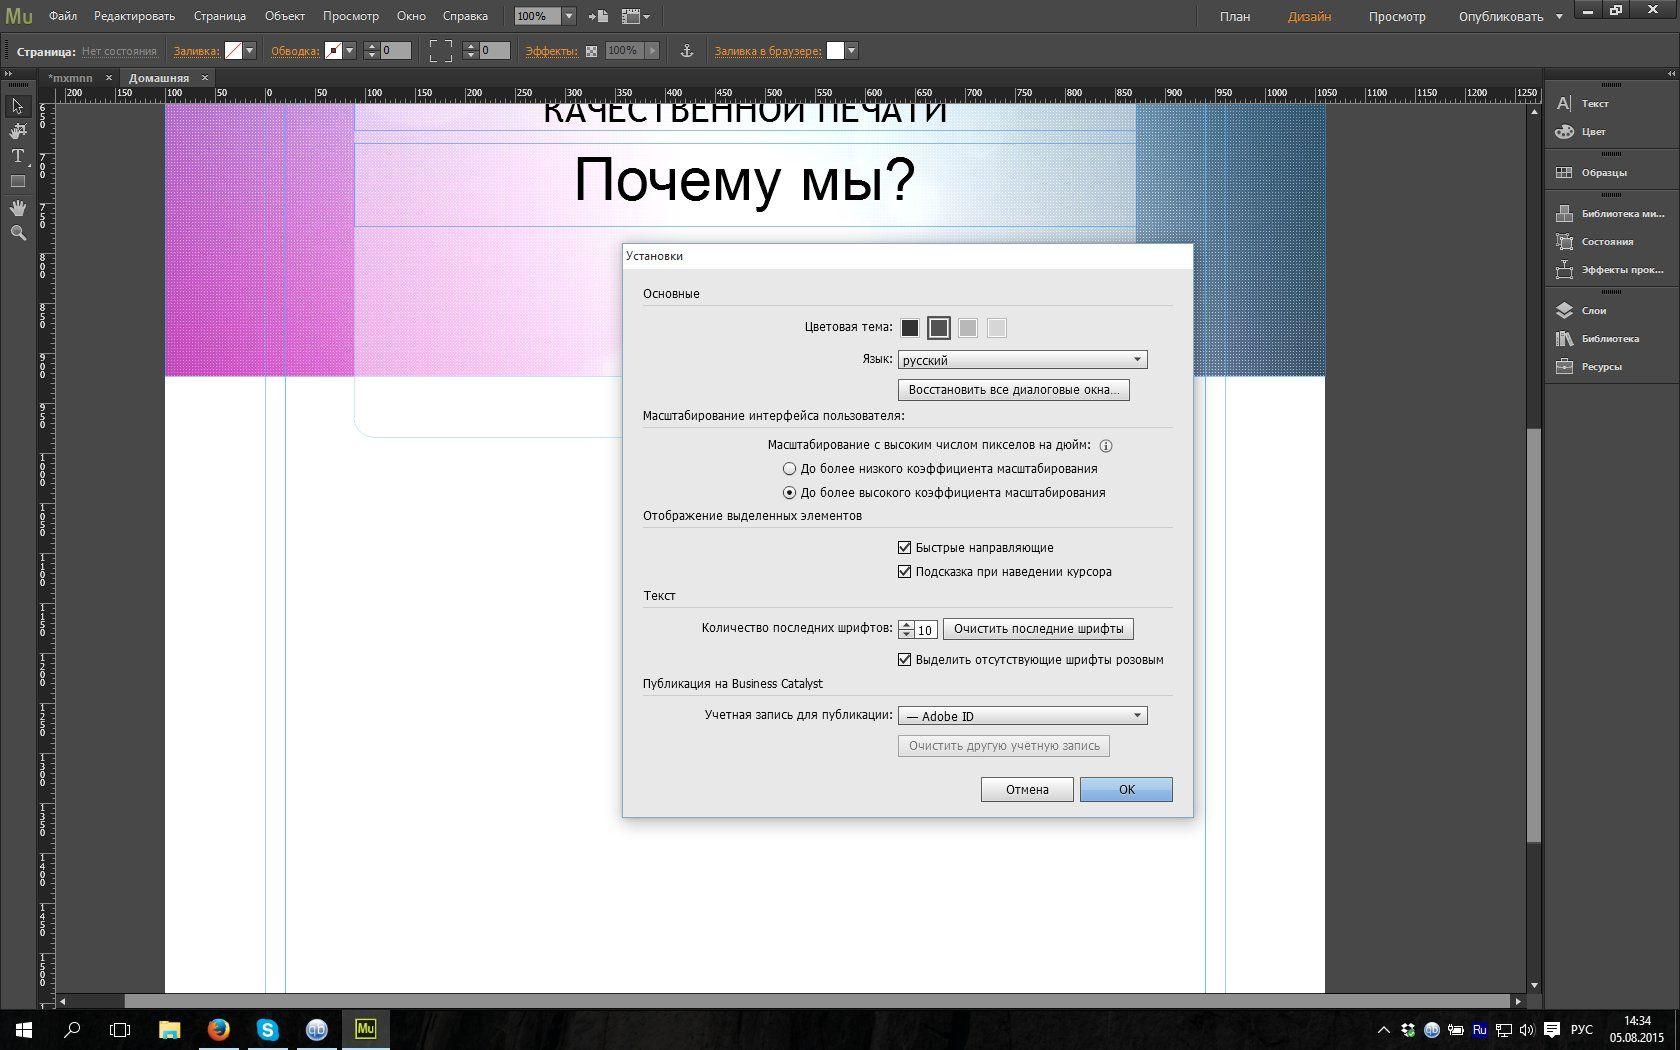 Программа для веб-дизайна | Скачать Adobe Muse CC бесплатно